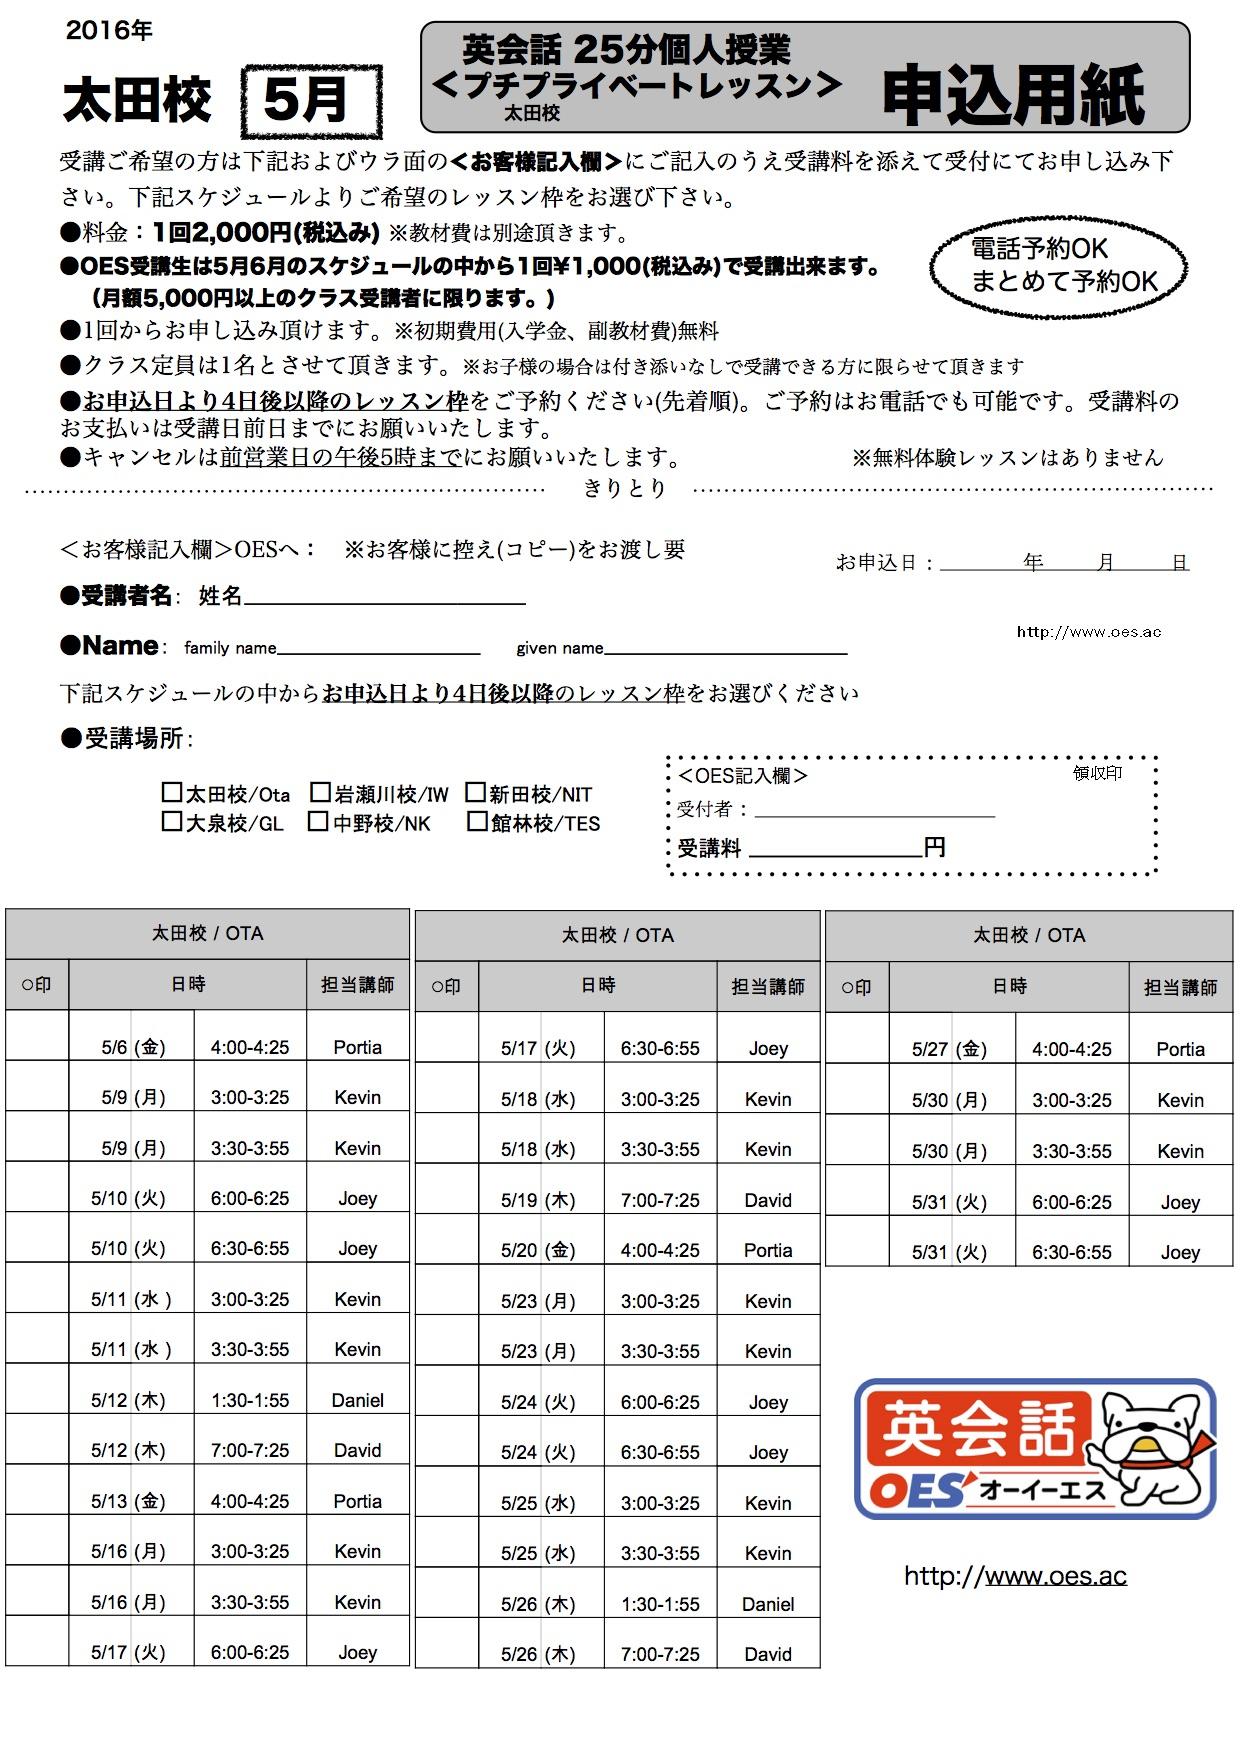 5月太田校プチプラ申込用紙